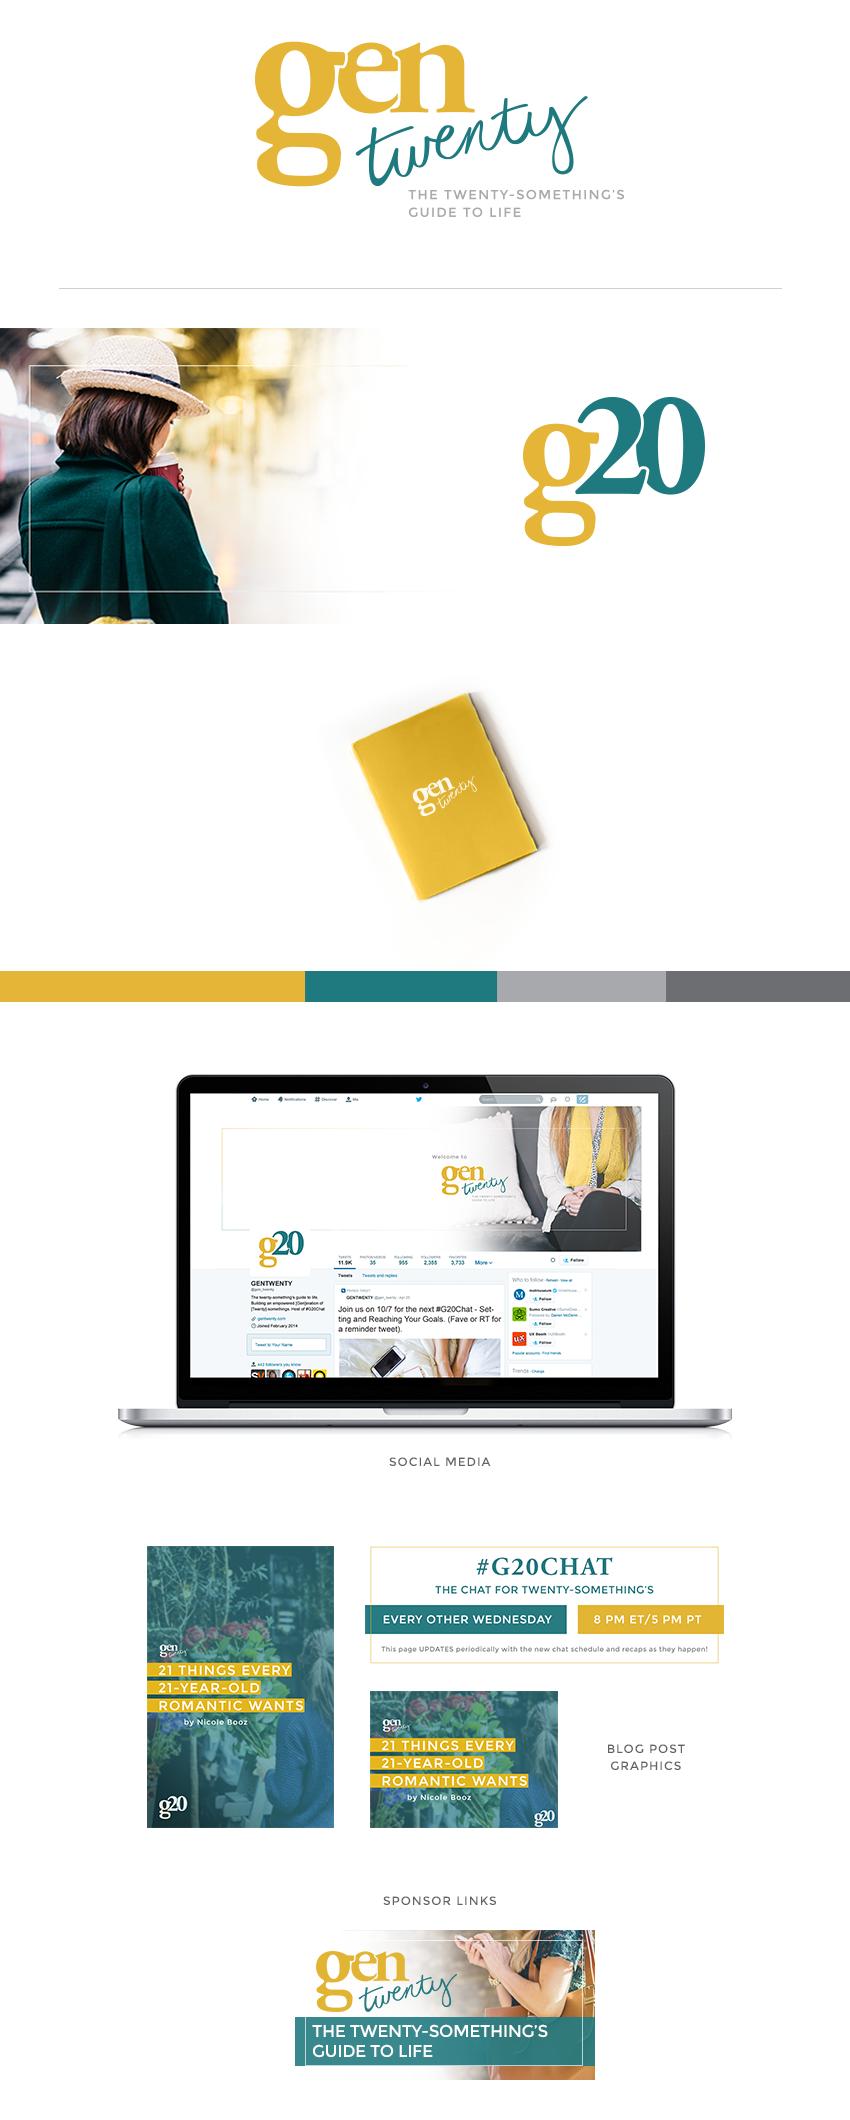 GenTwenty Brand Design by Finicky Designs